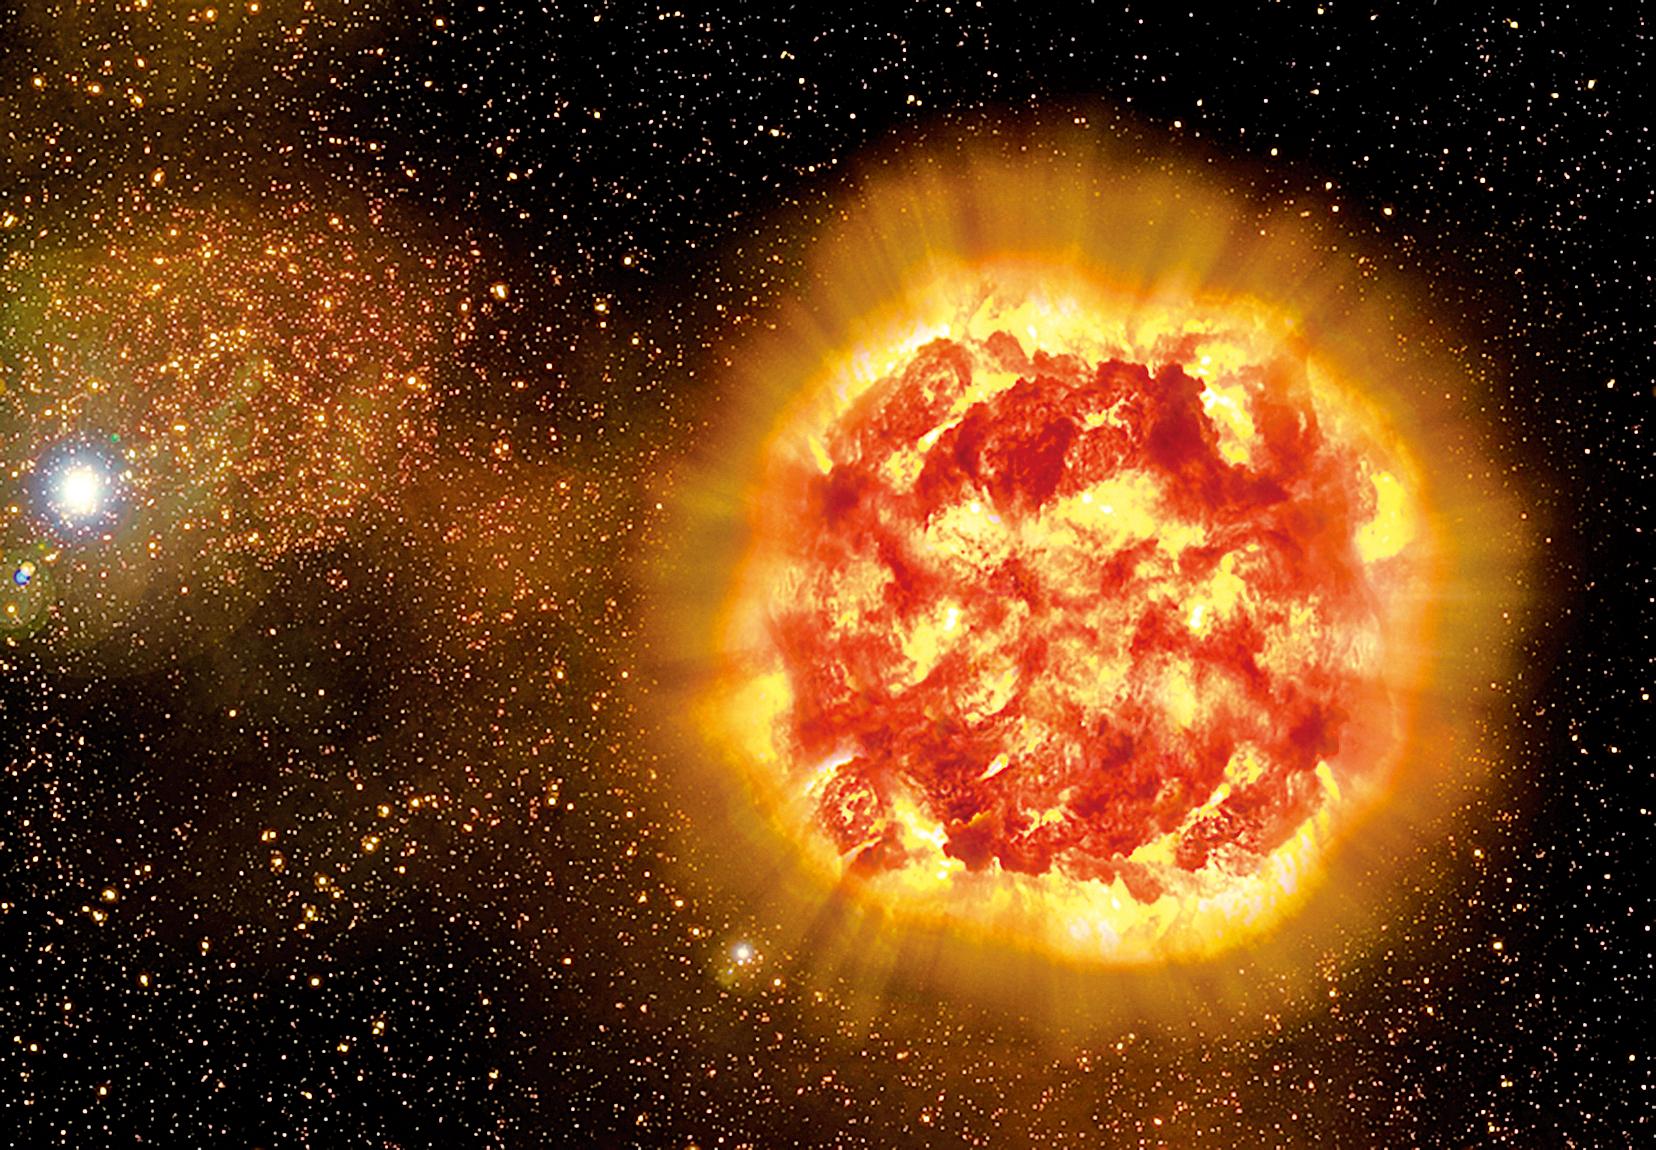 五年後人或目睹星體爆炸